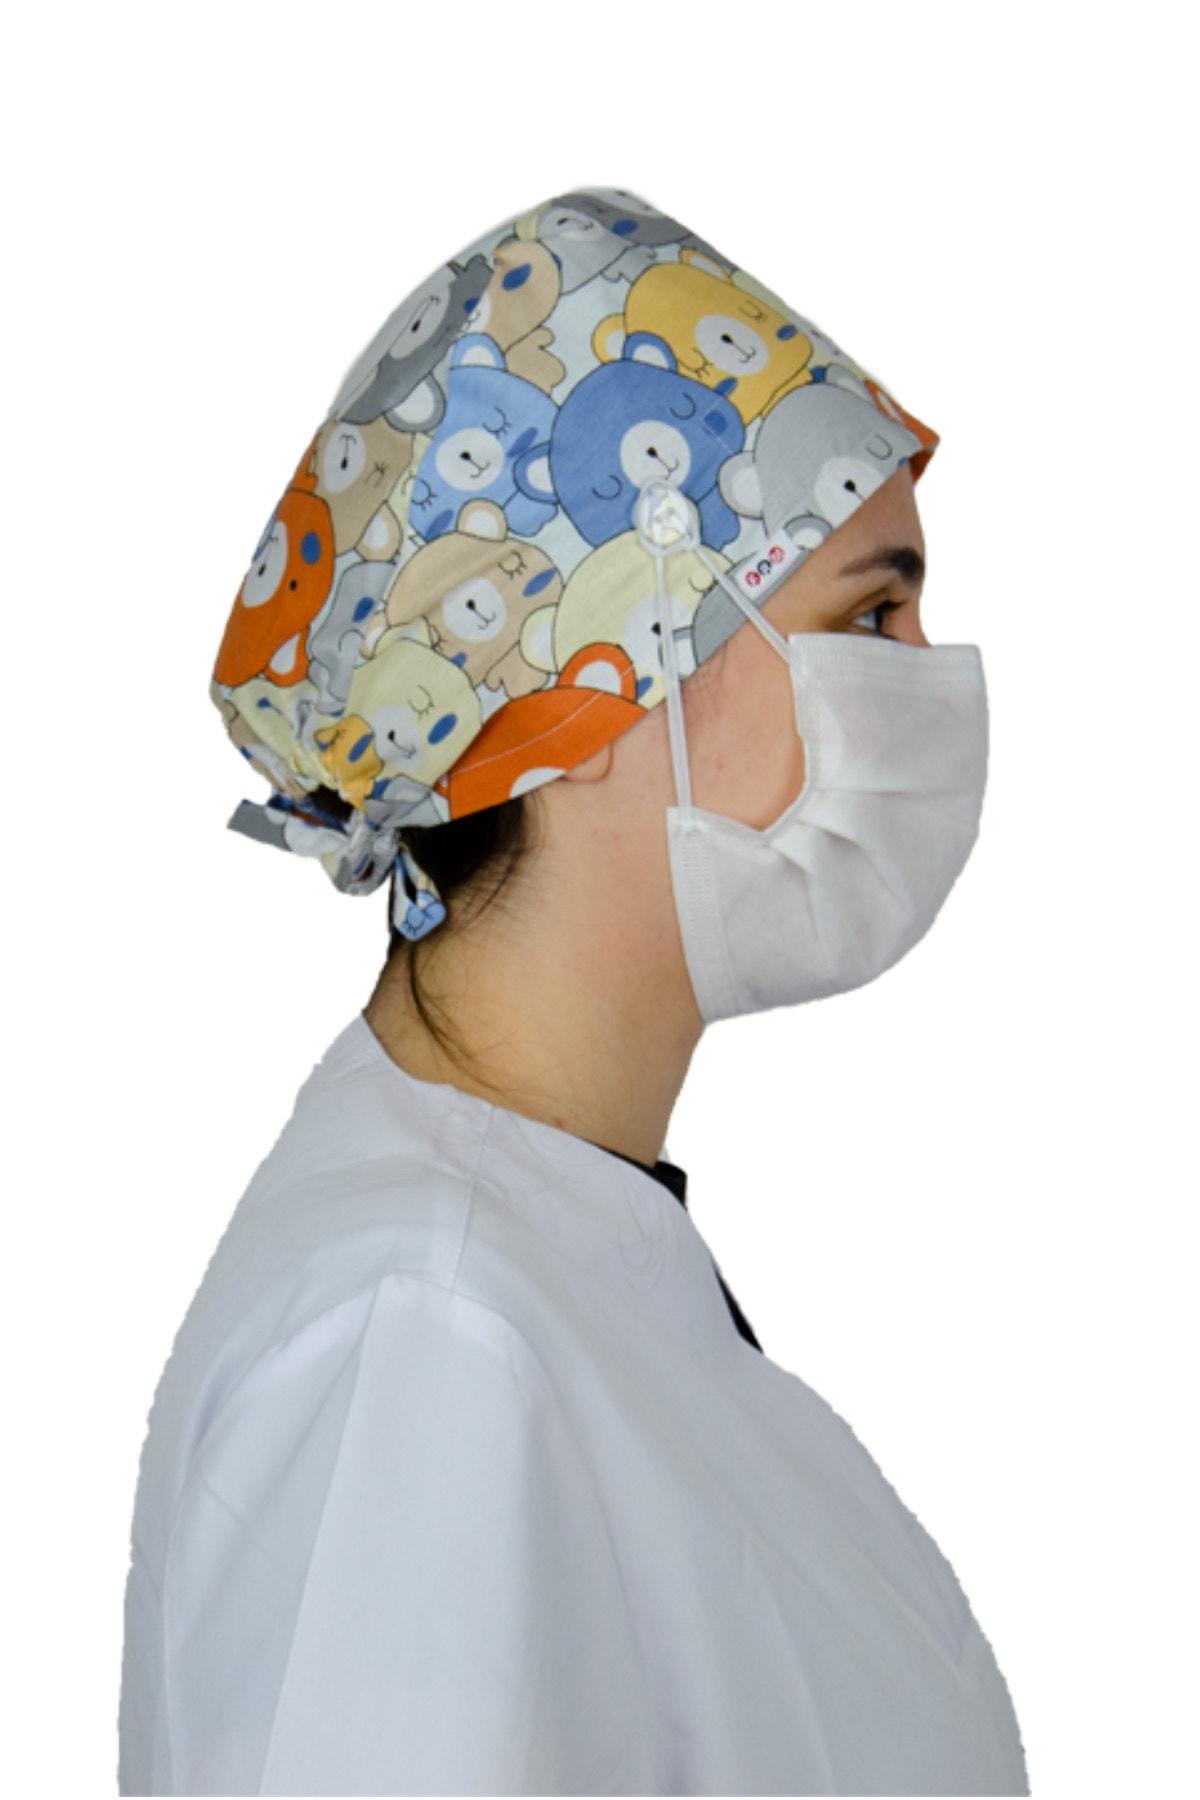 frm tekstil Doktor Hemşire Aşçı Bonesi, Cerrahi Bone %100 Pamuk, Maske Için Düğme Ve Terbantlı B Model Ayıcık